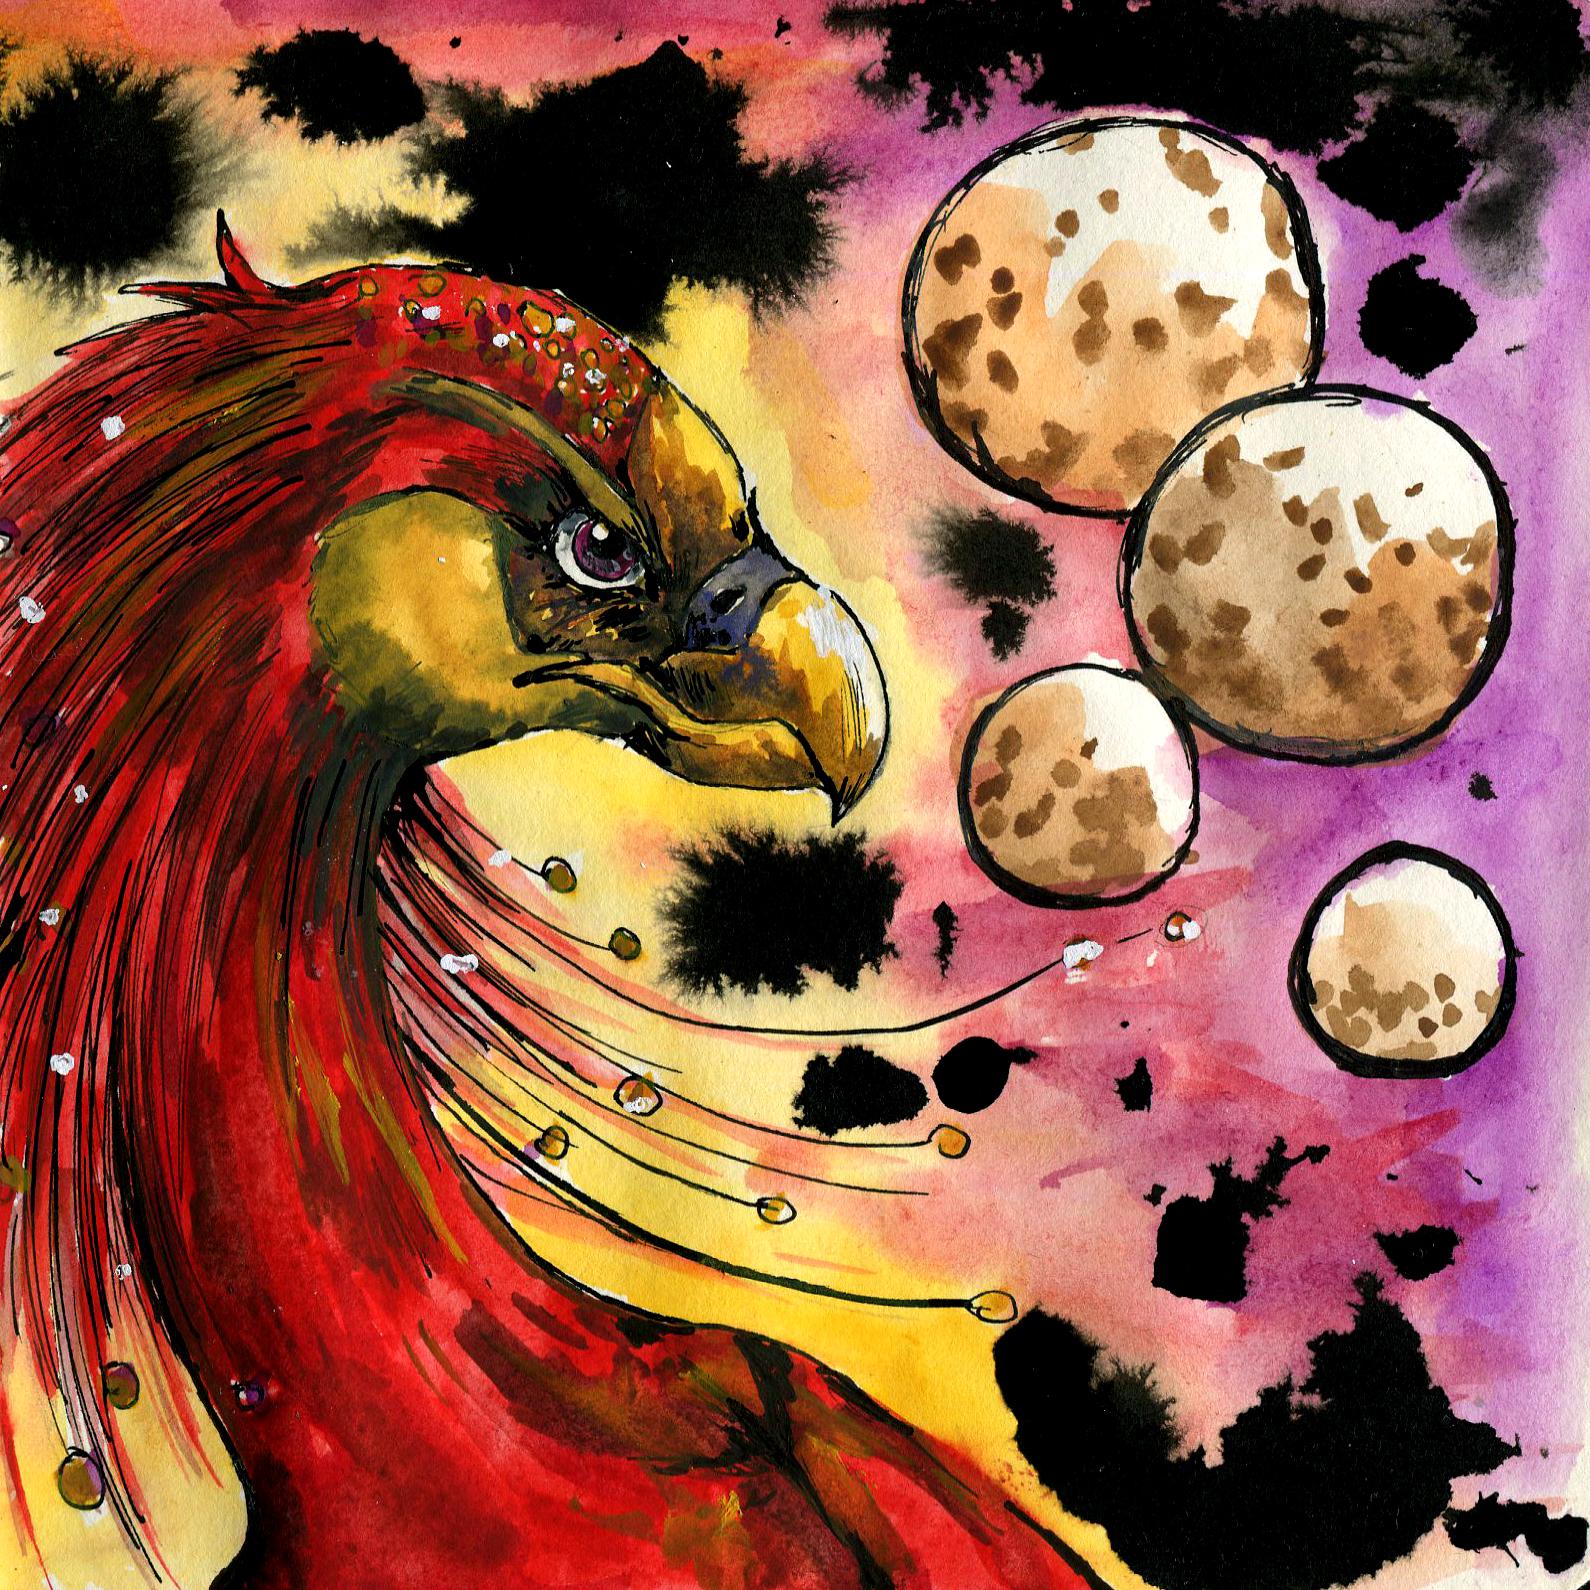 9M. Orphan Bird